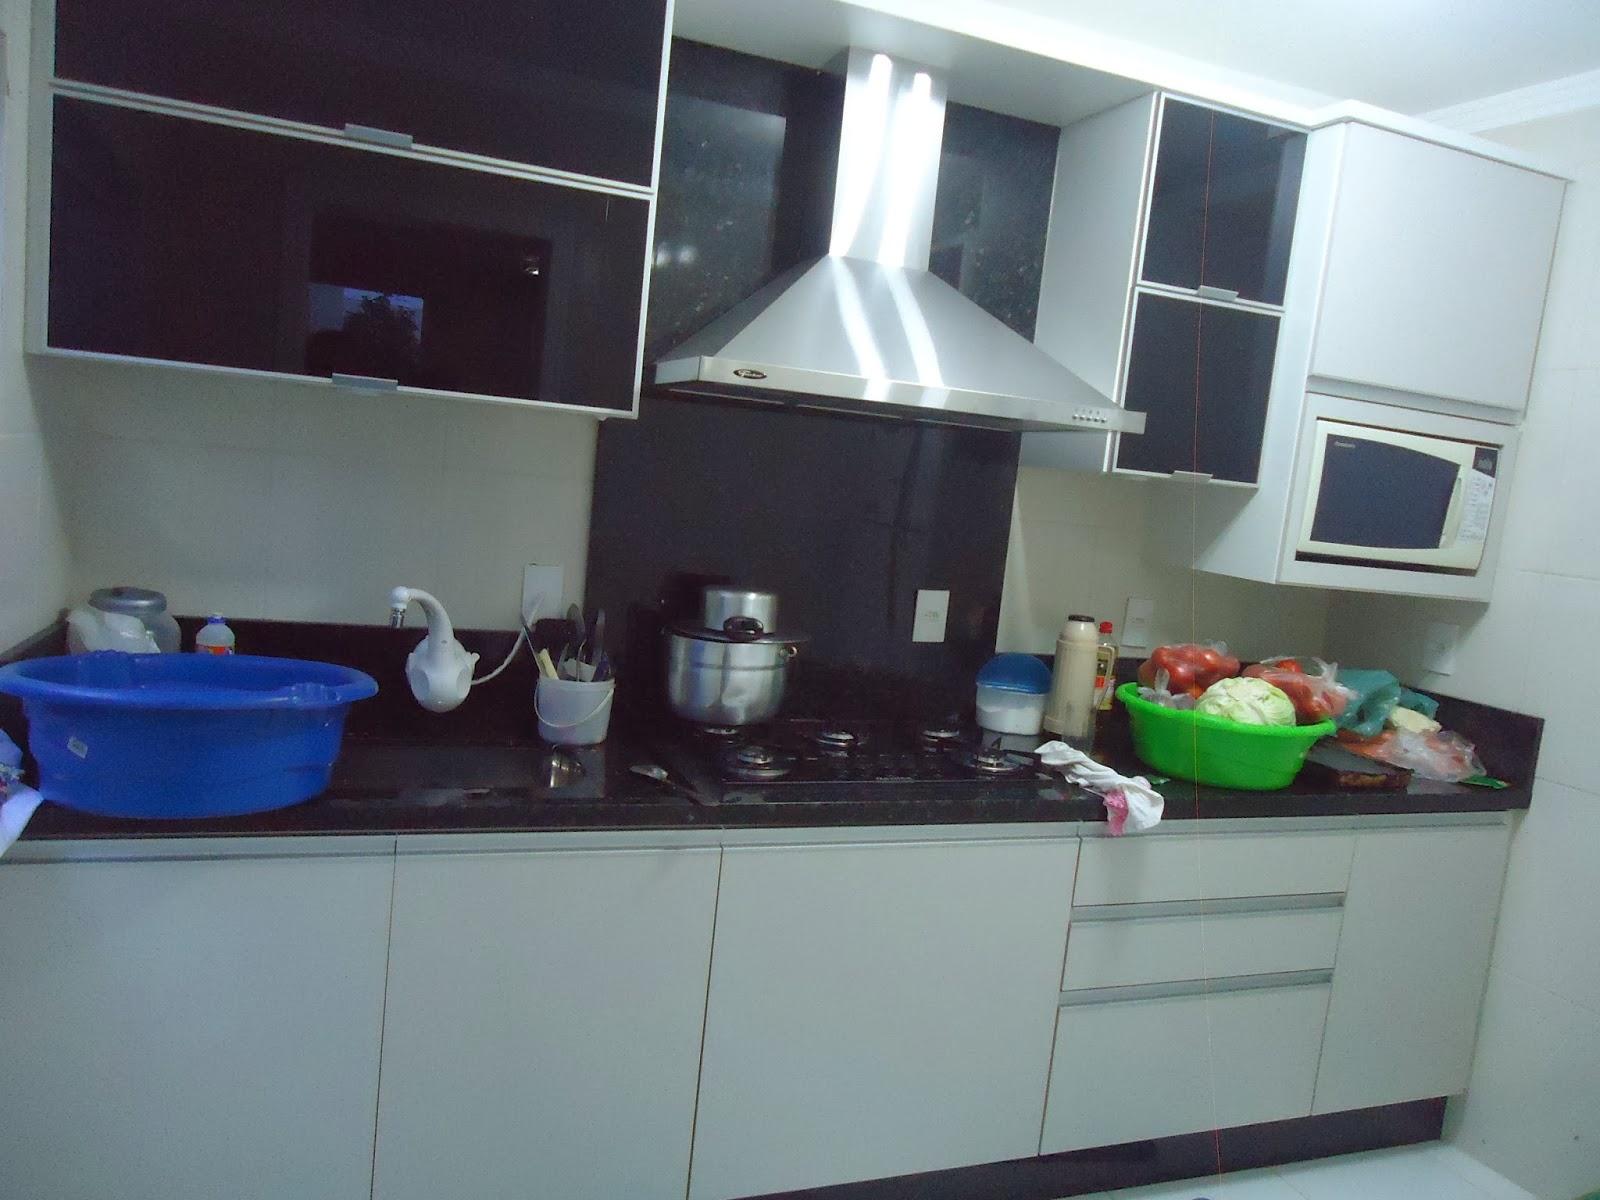 #283F6F Cozinha Projeto e execução Arquiteta Naiara Loch 1600x1200 px Projetos Cozinha Cooktop #15 imagens